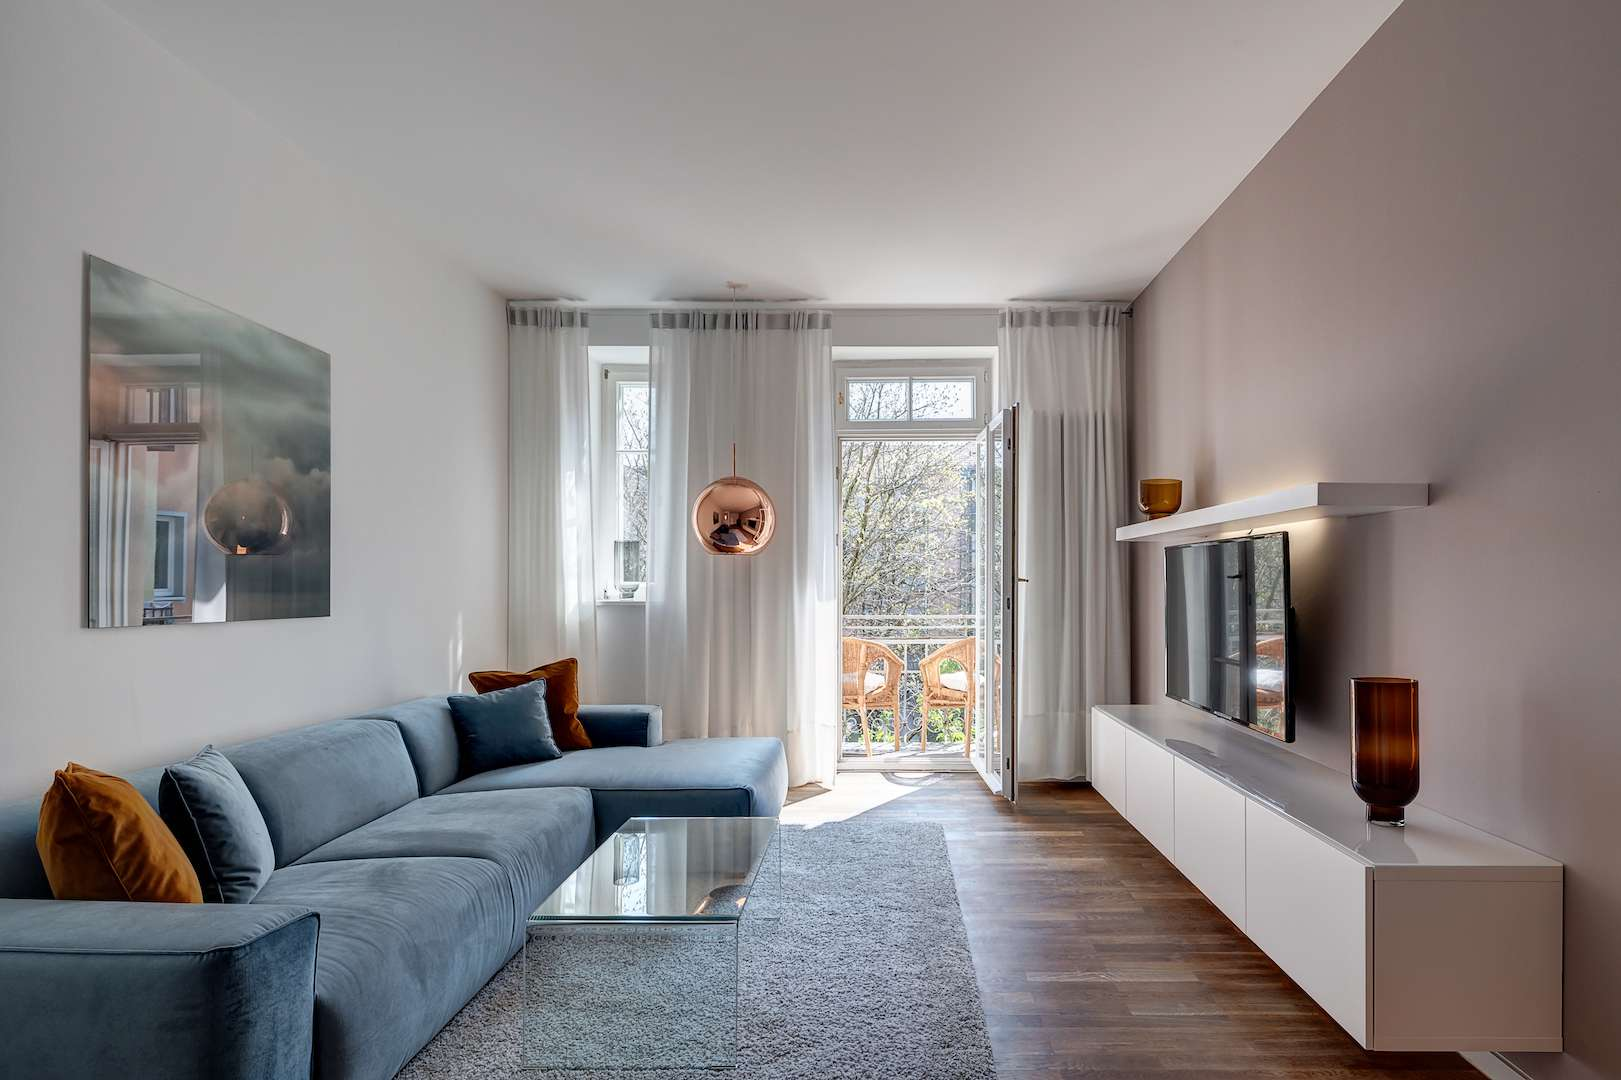 MÖBLIERT | Neuwertige 2-Zimmer-Wohnung im sanierten Altbau mit Balkon | Sendling